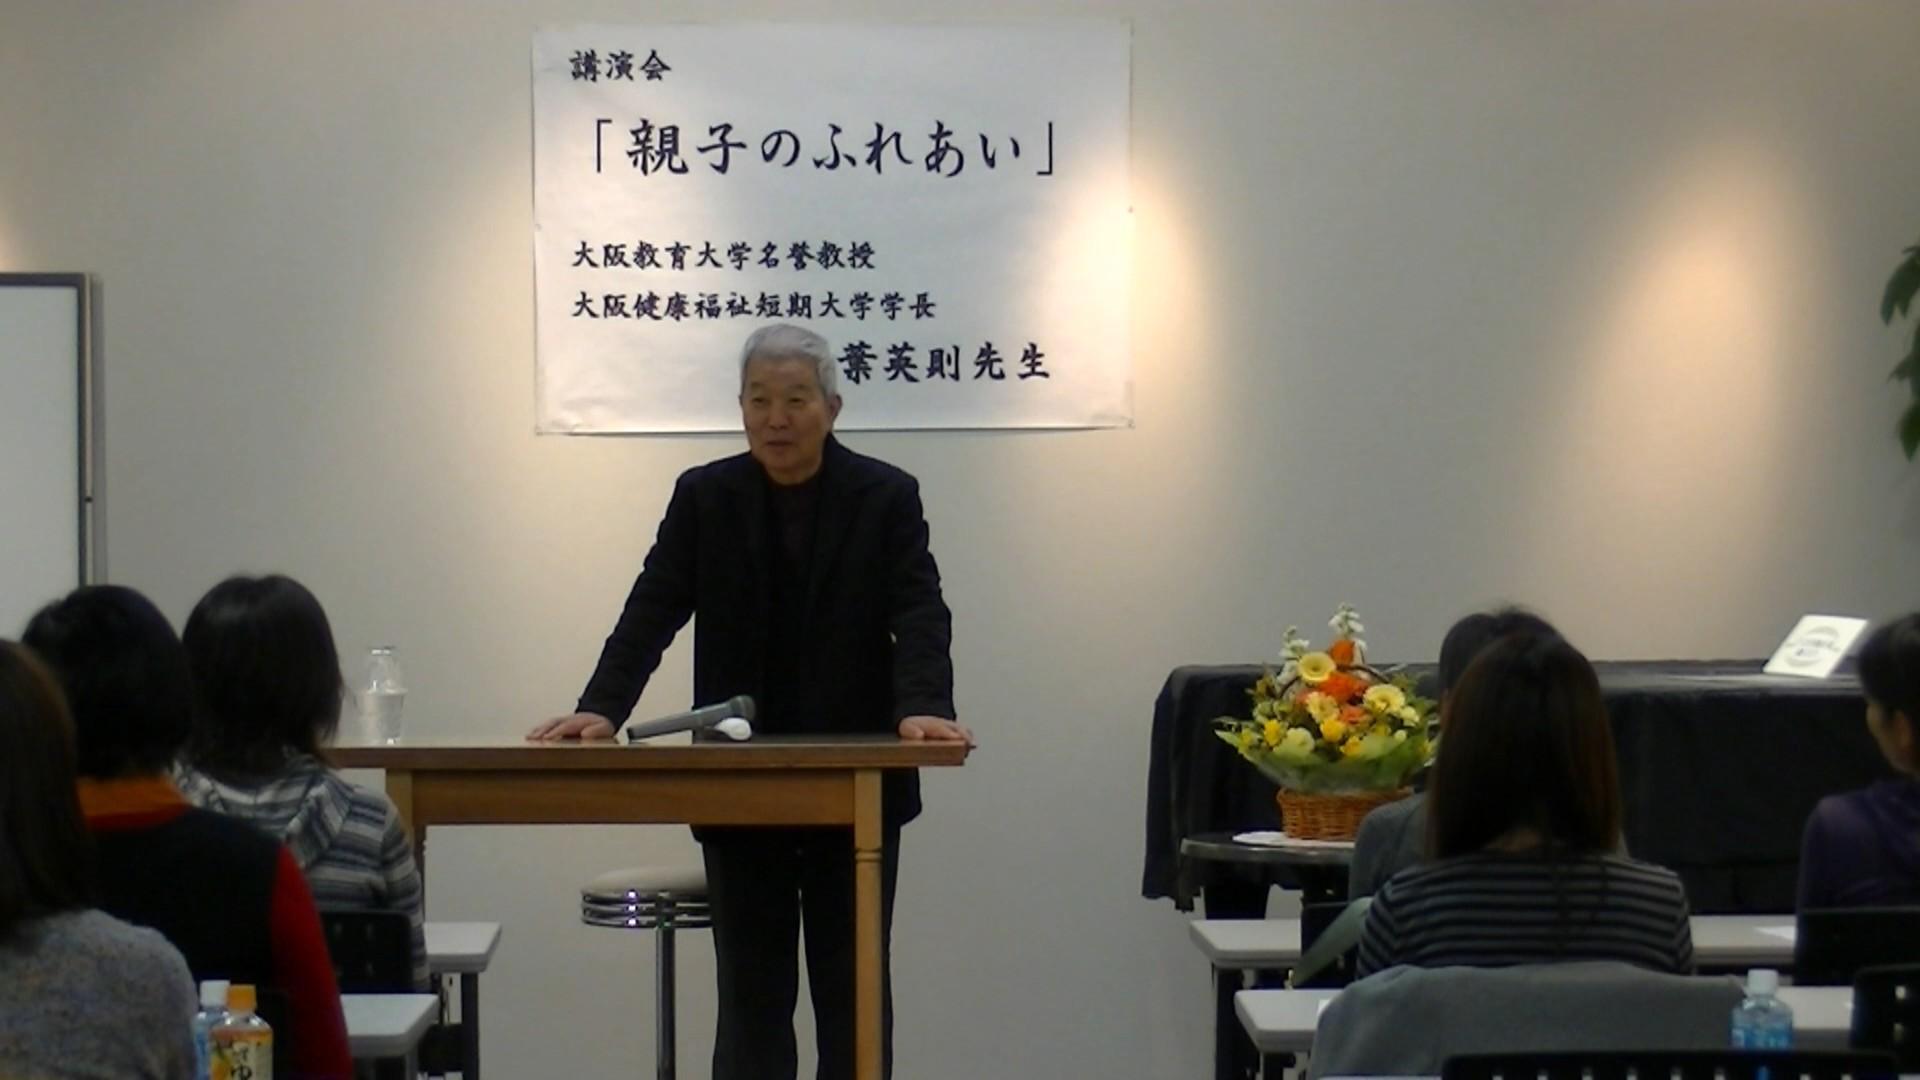 秋葉先生の講演会風景